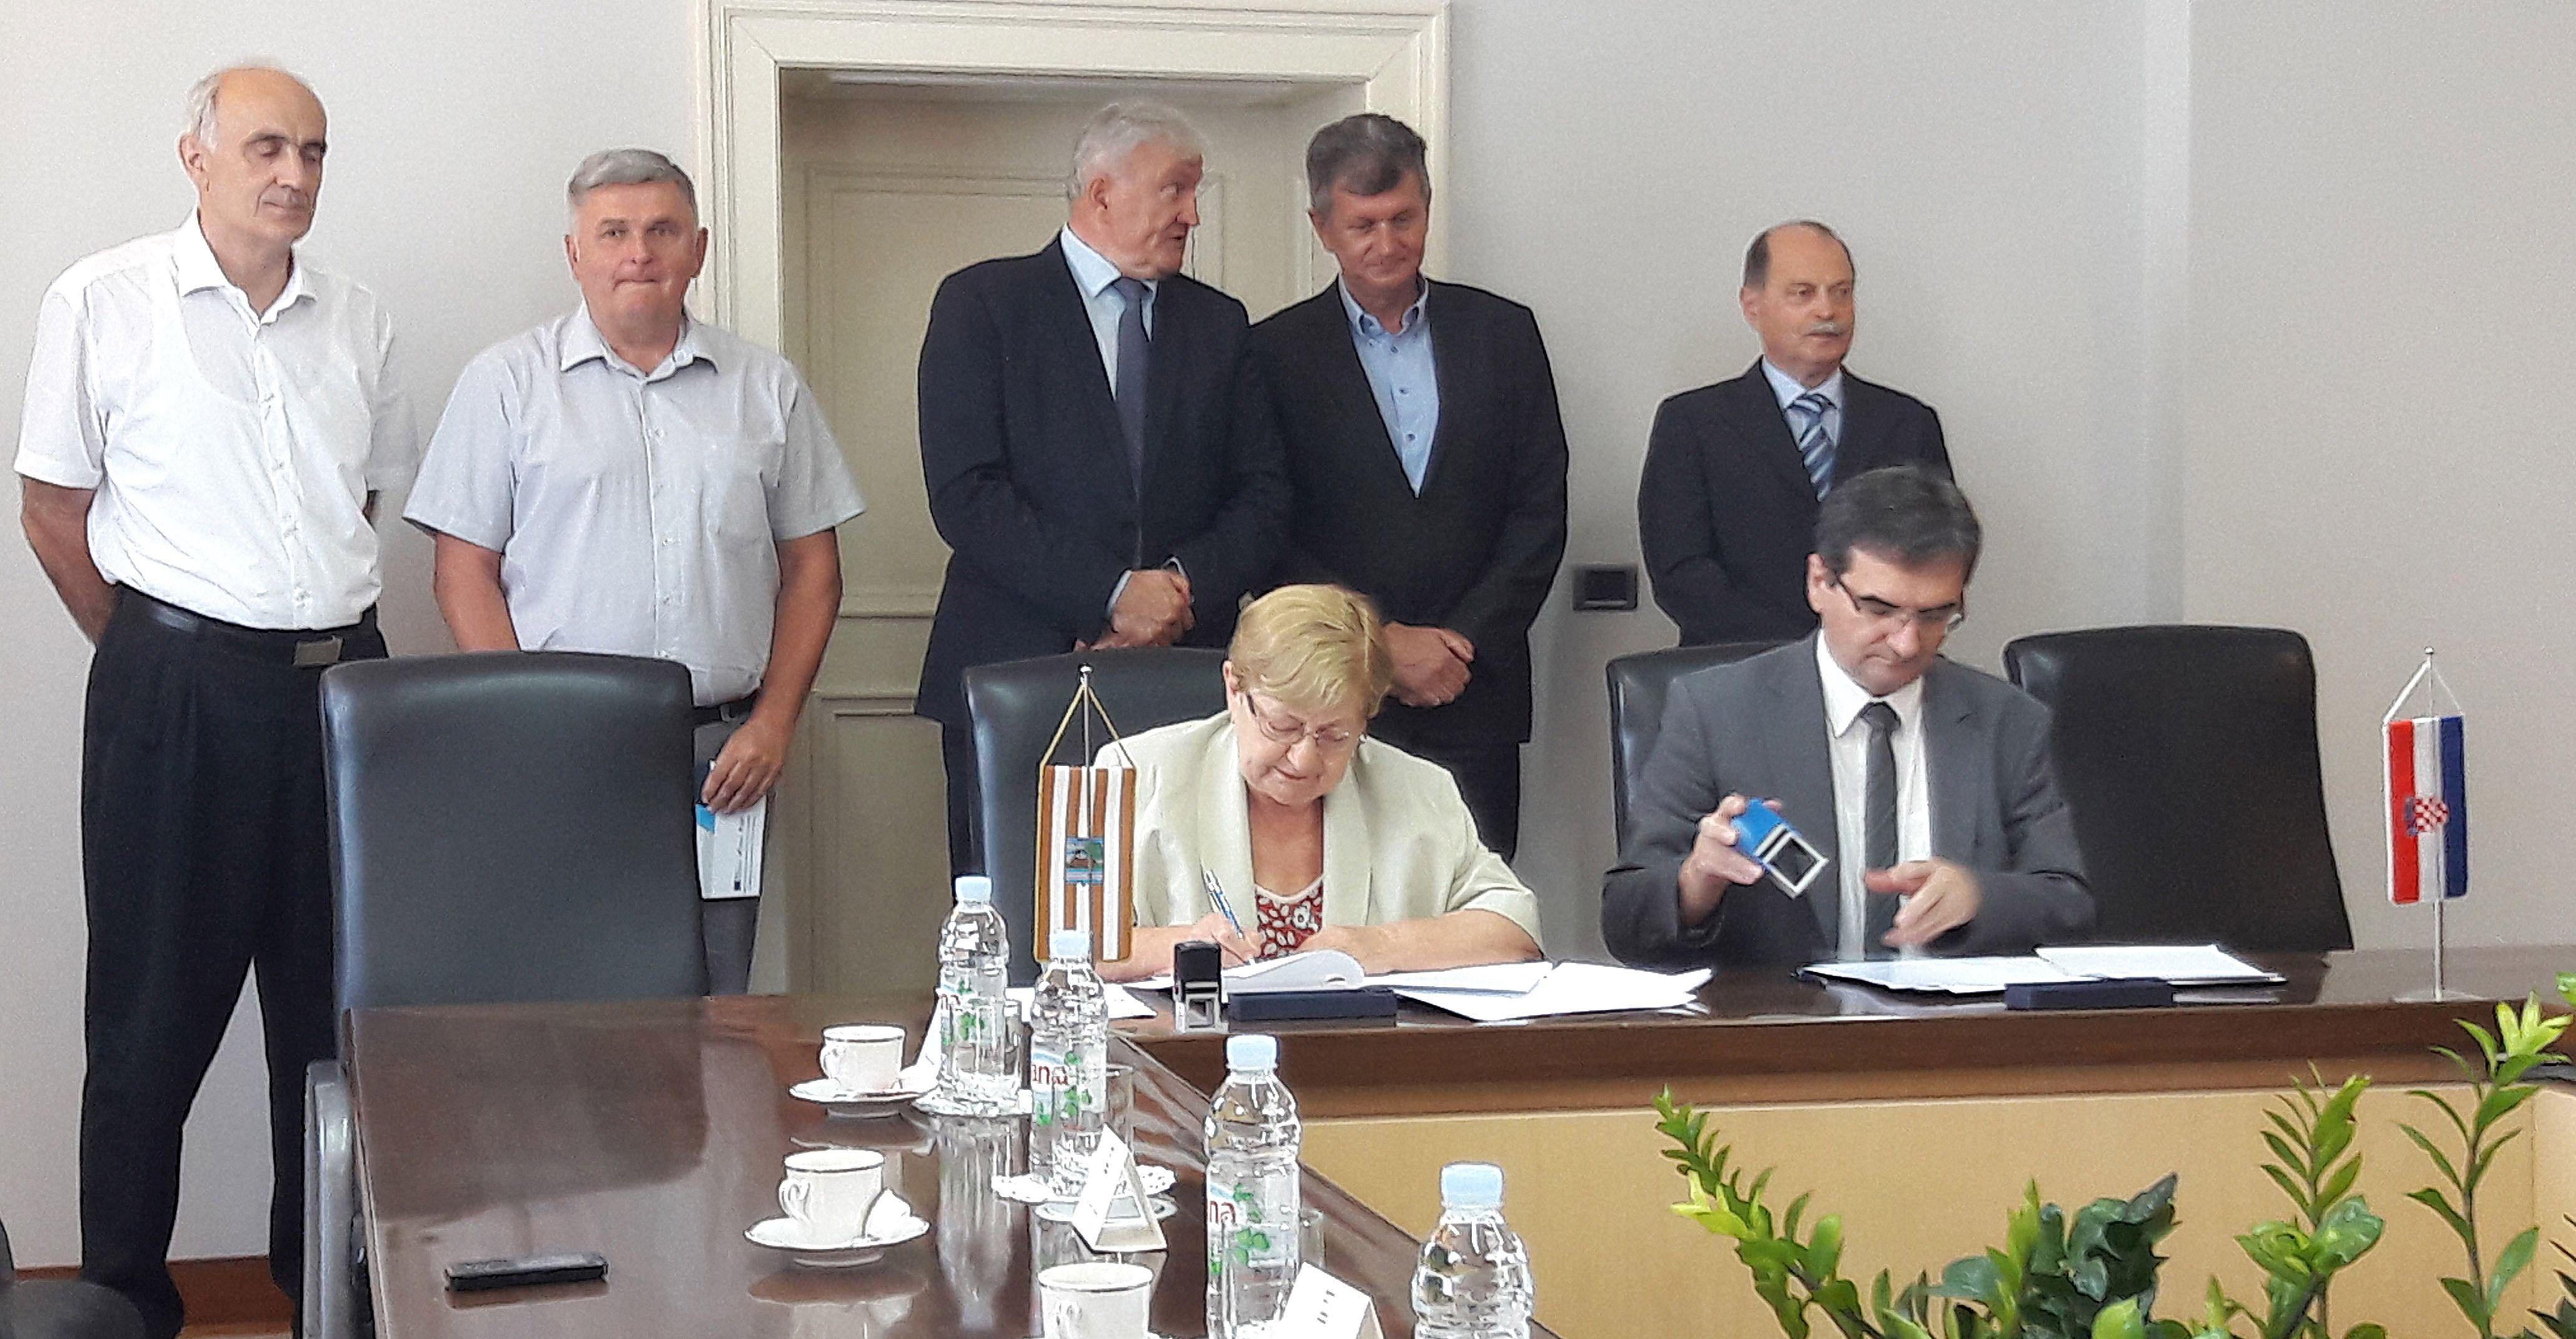 Potpisan ugovor o funkcionalnom spajanju vukovarske i vinkovačke bolnice